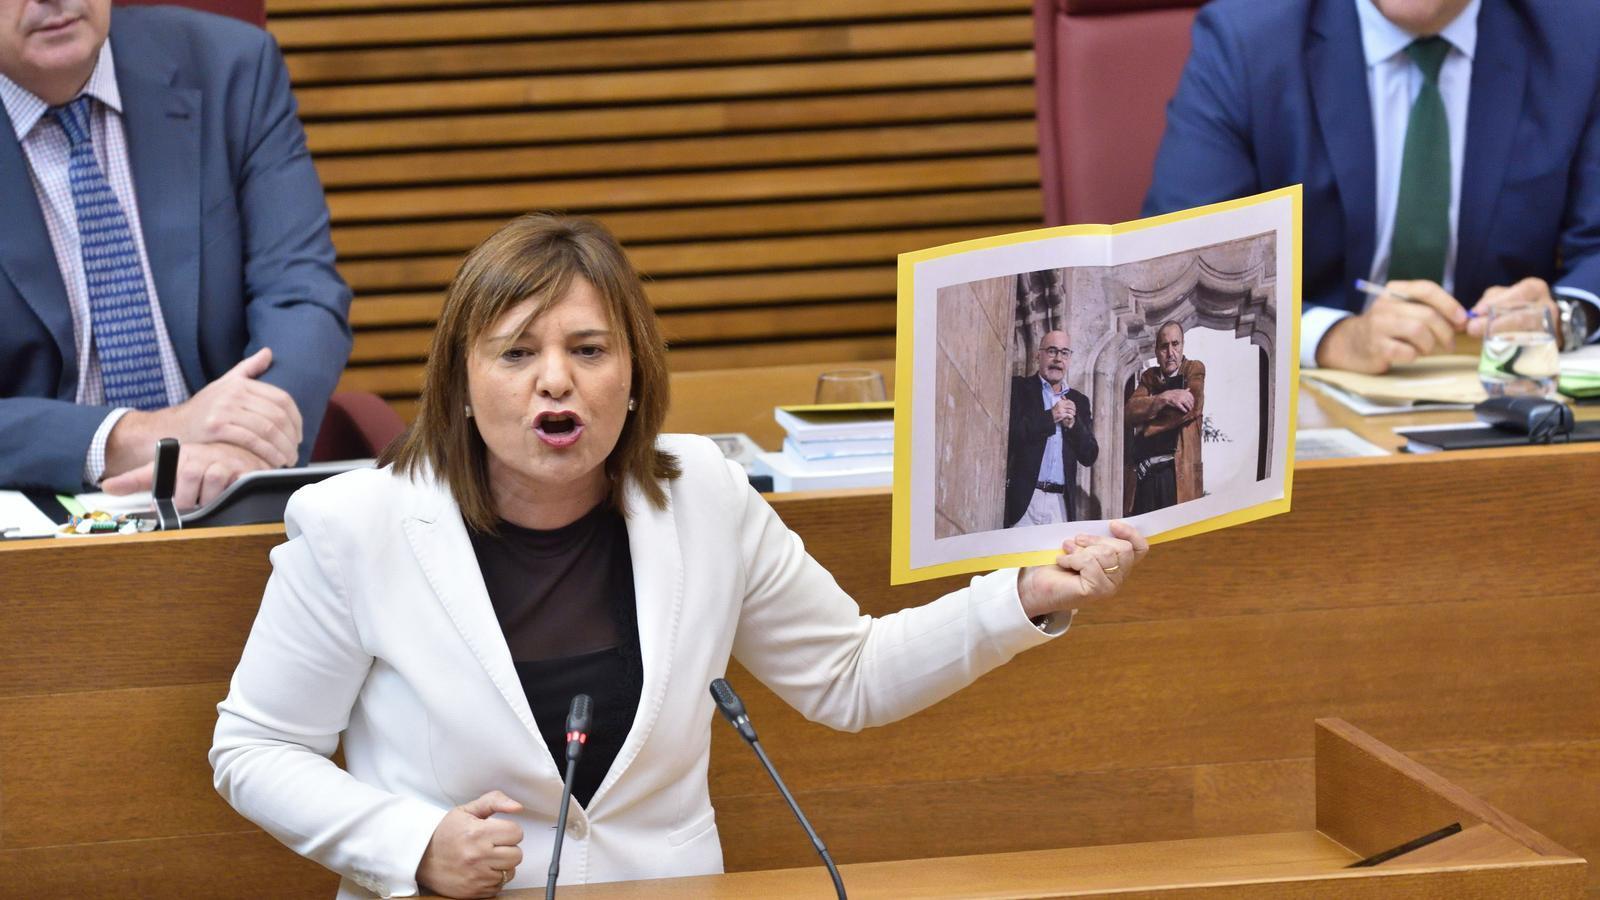 La líder i portaveu del Partit Popular, Isabel Bonig, durant una intervenció a les Corts Valencianes